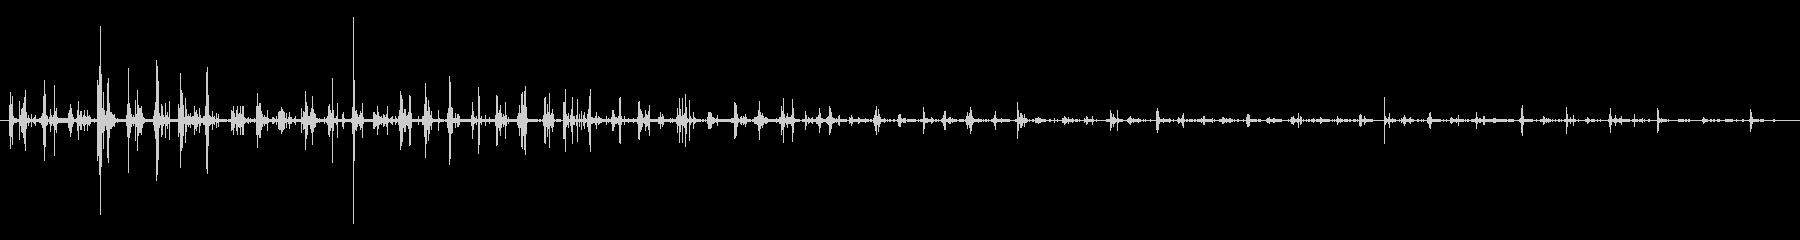 ダートホース:ウォークアウェイの未再生の波形